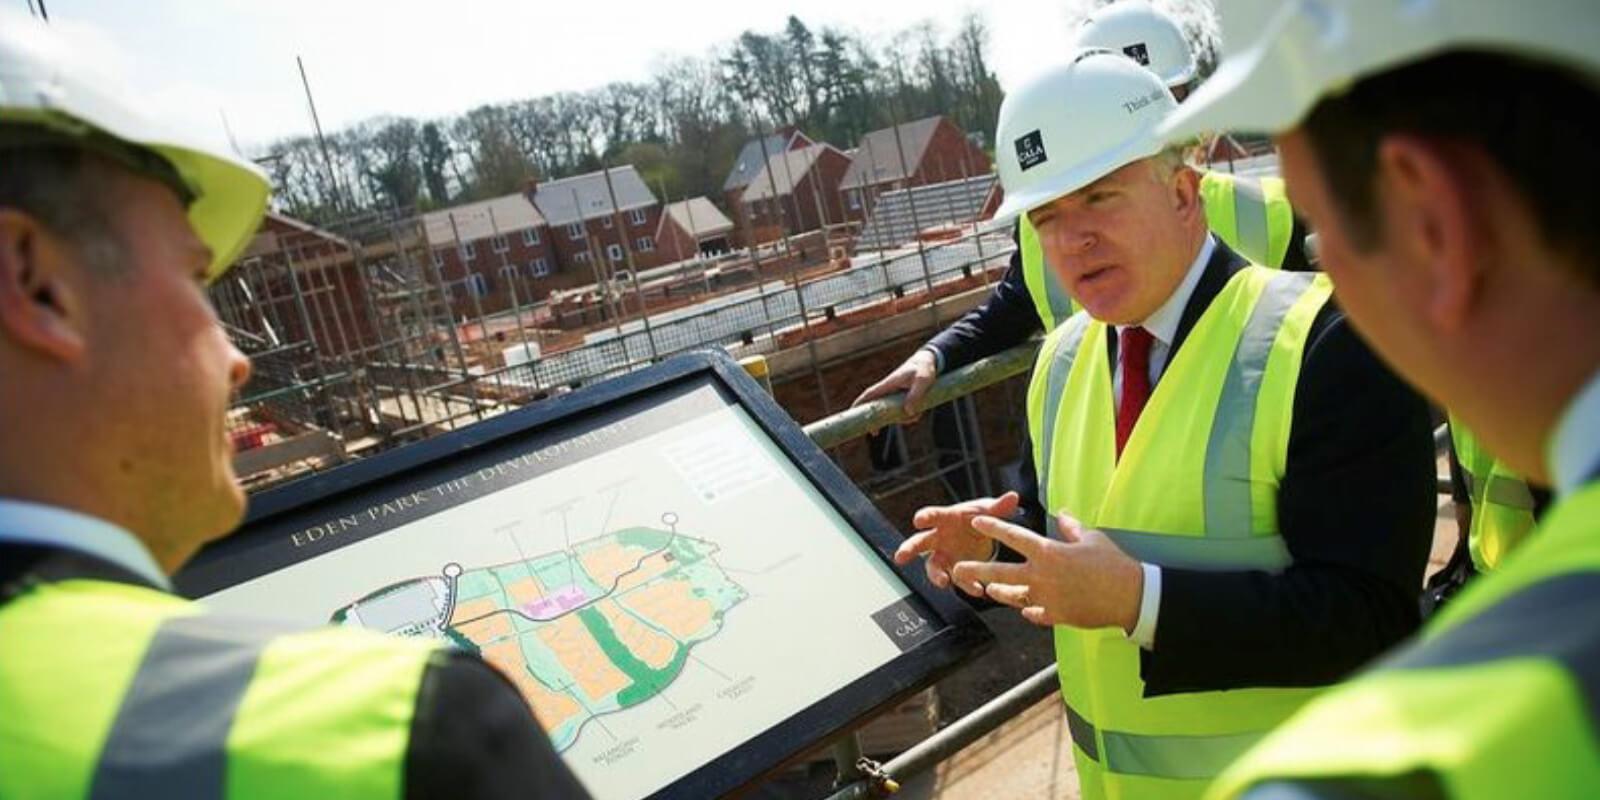 On-site public consultation